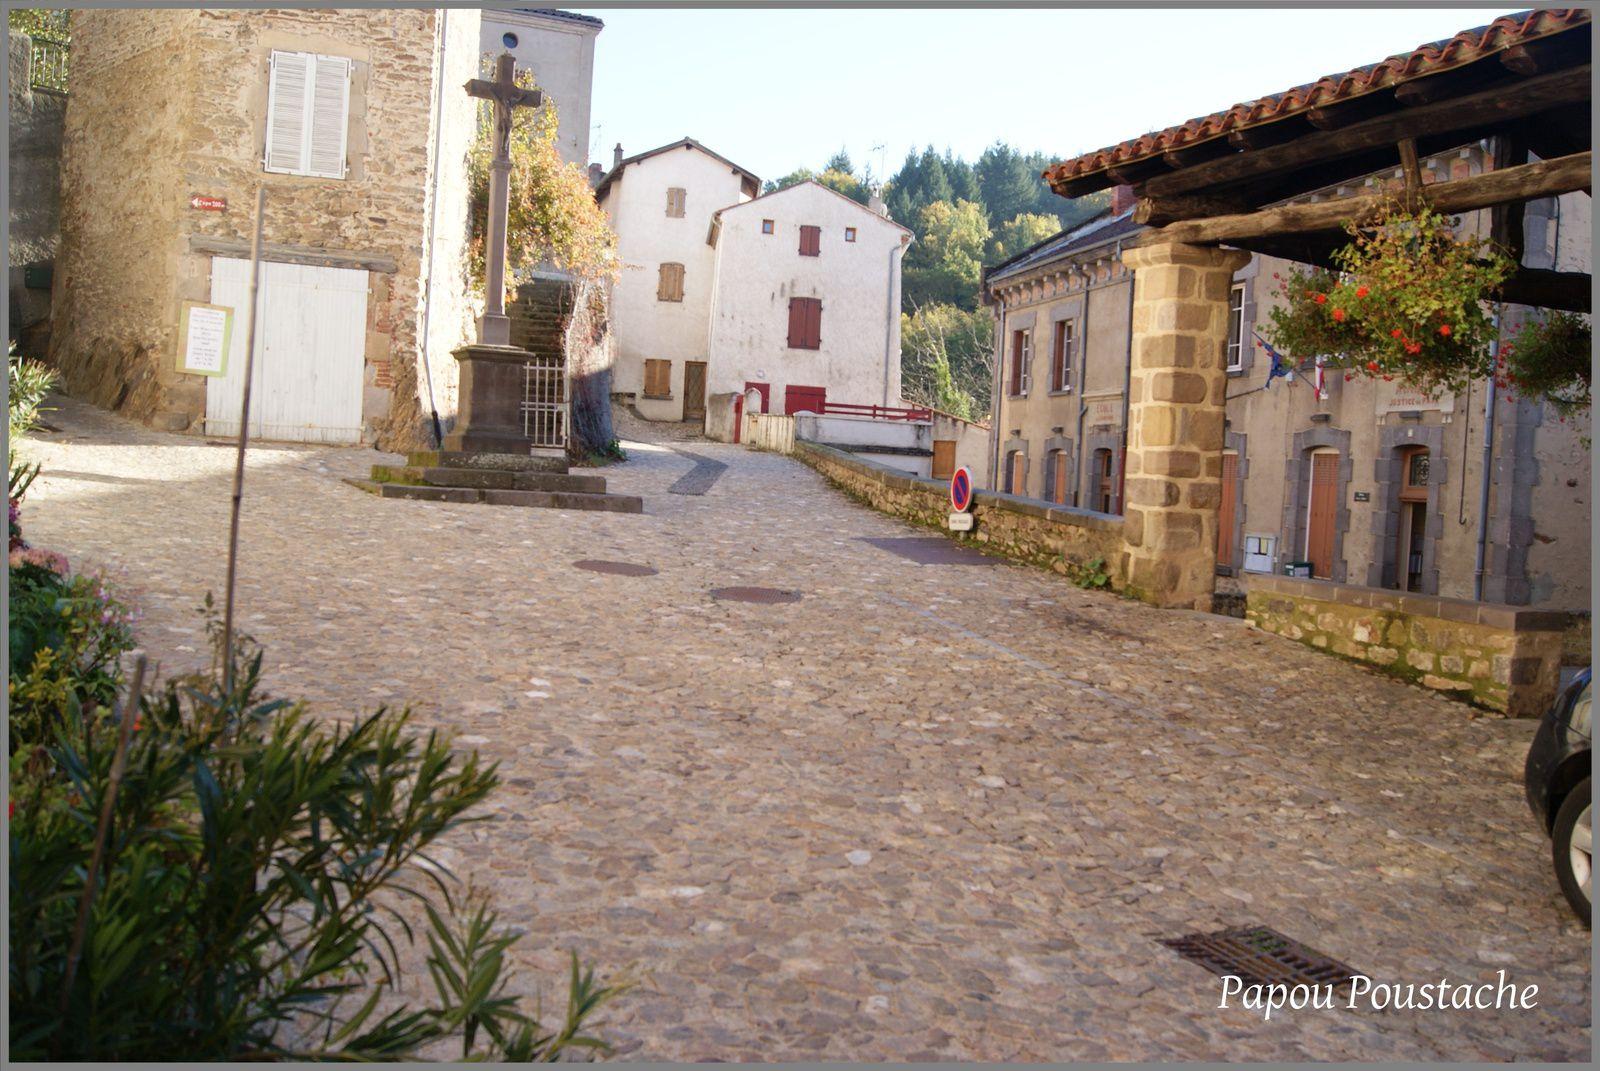 Vues du village d'Auzon